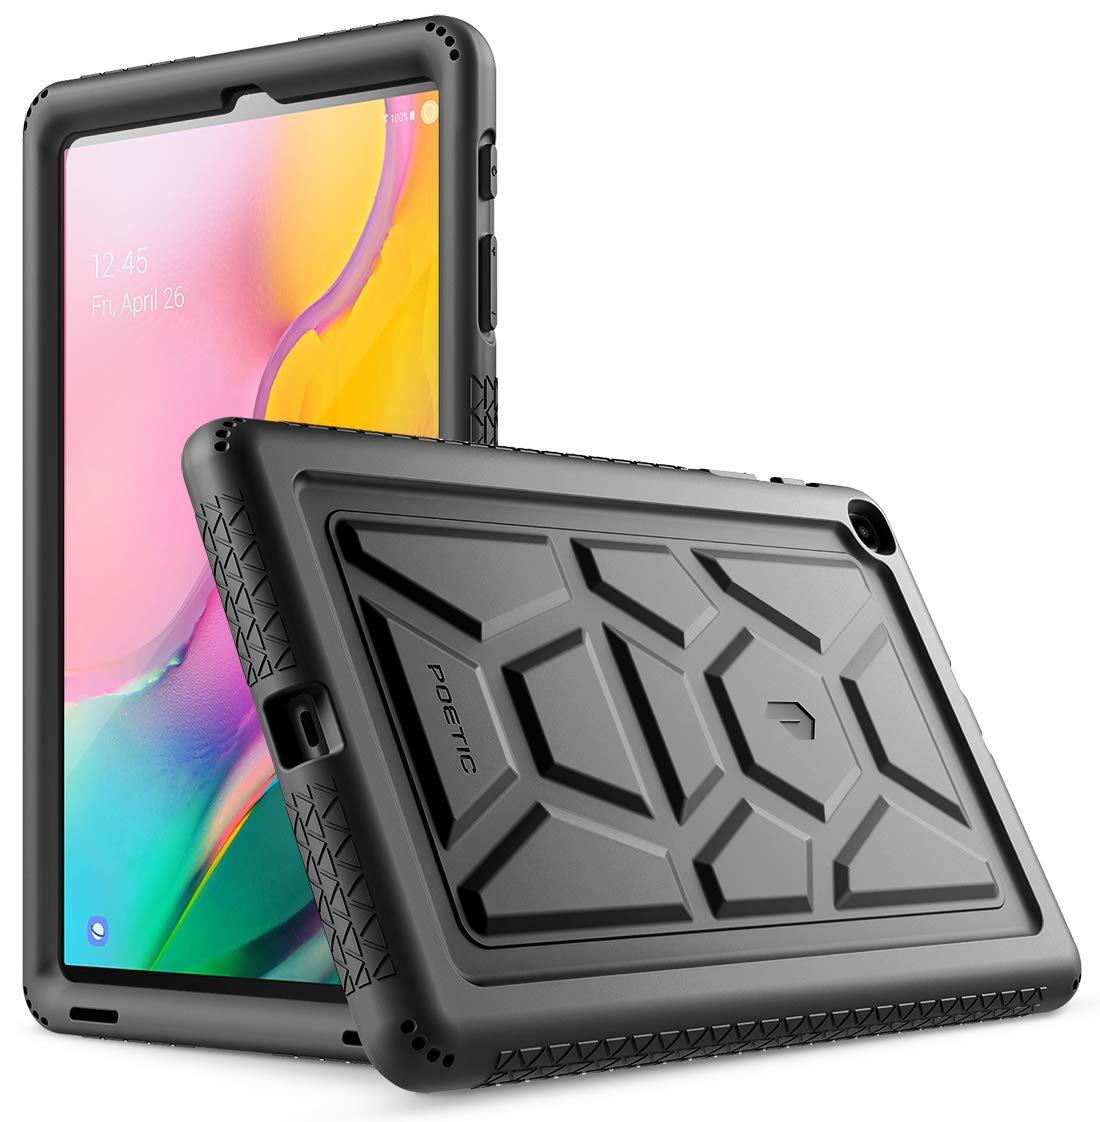 Funda Samsung Galaxy Tab A 10.1 SM-T510 (2019) POETIC [7R6PCVLP]